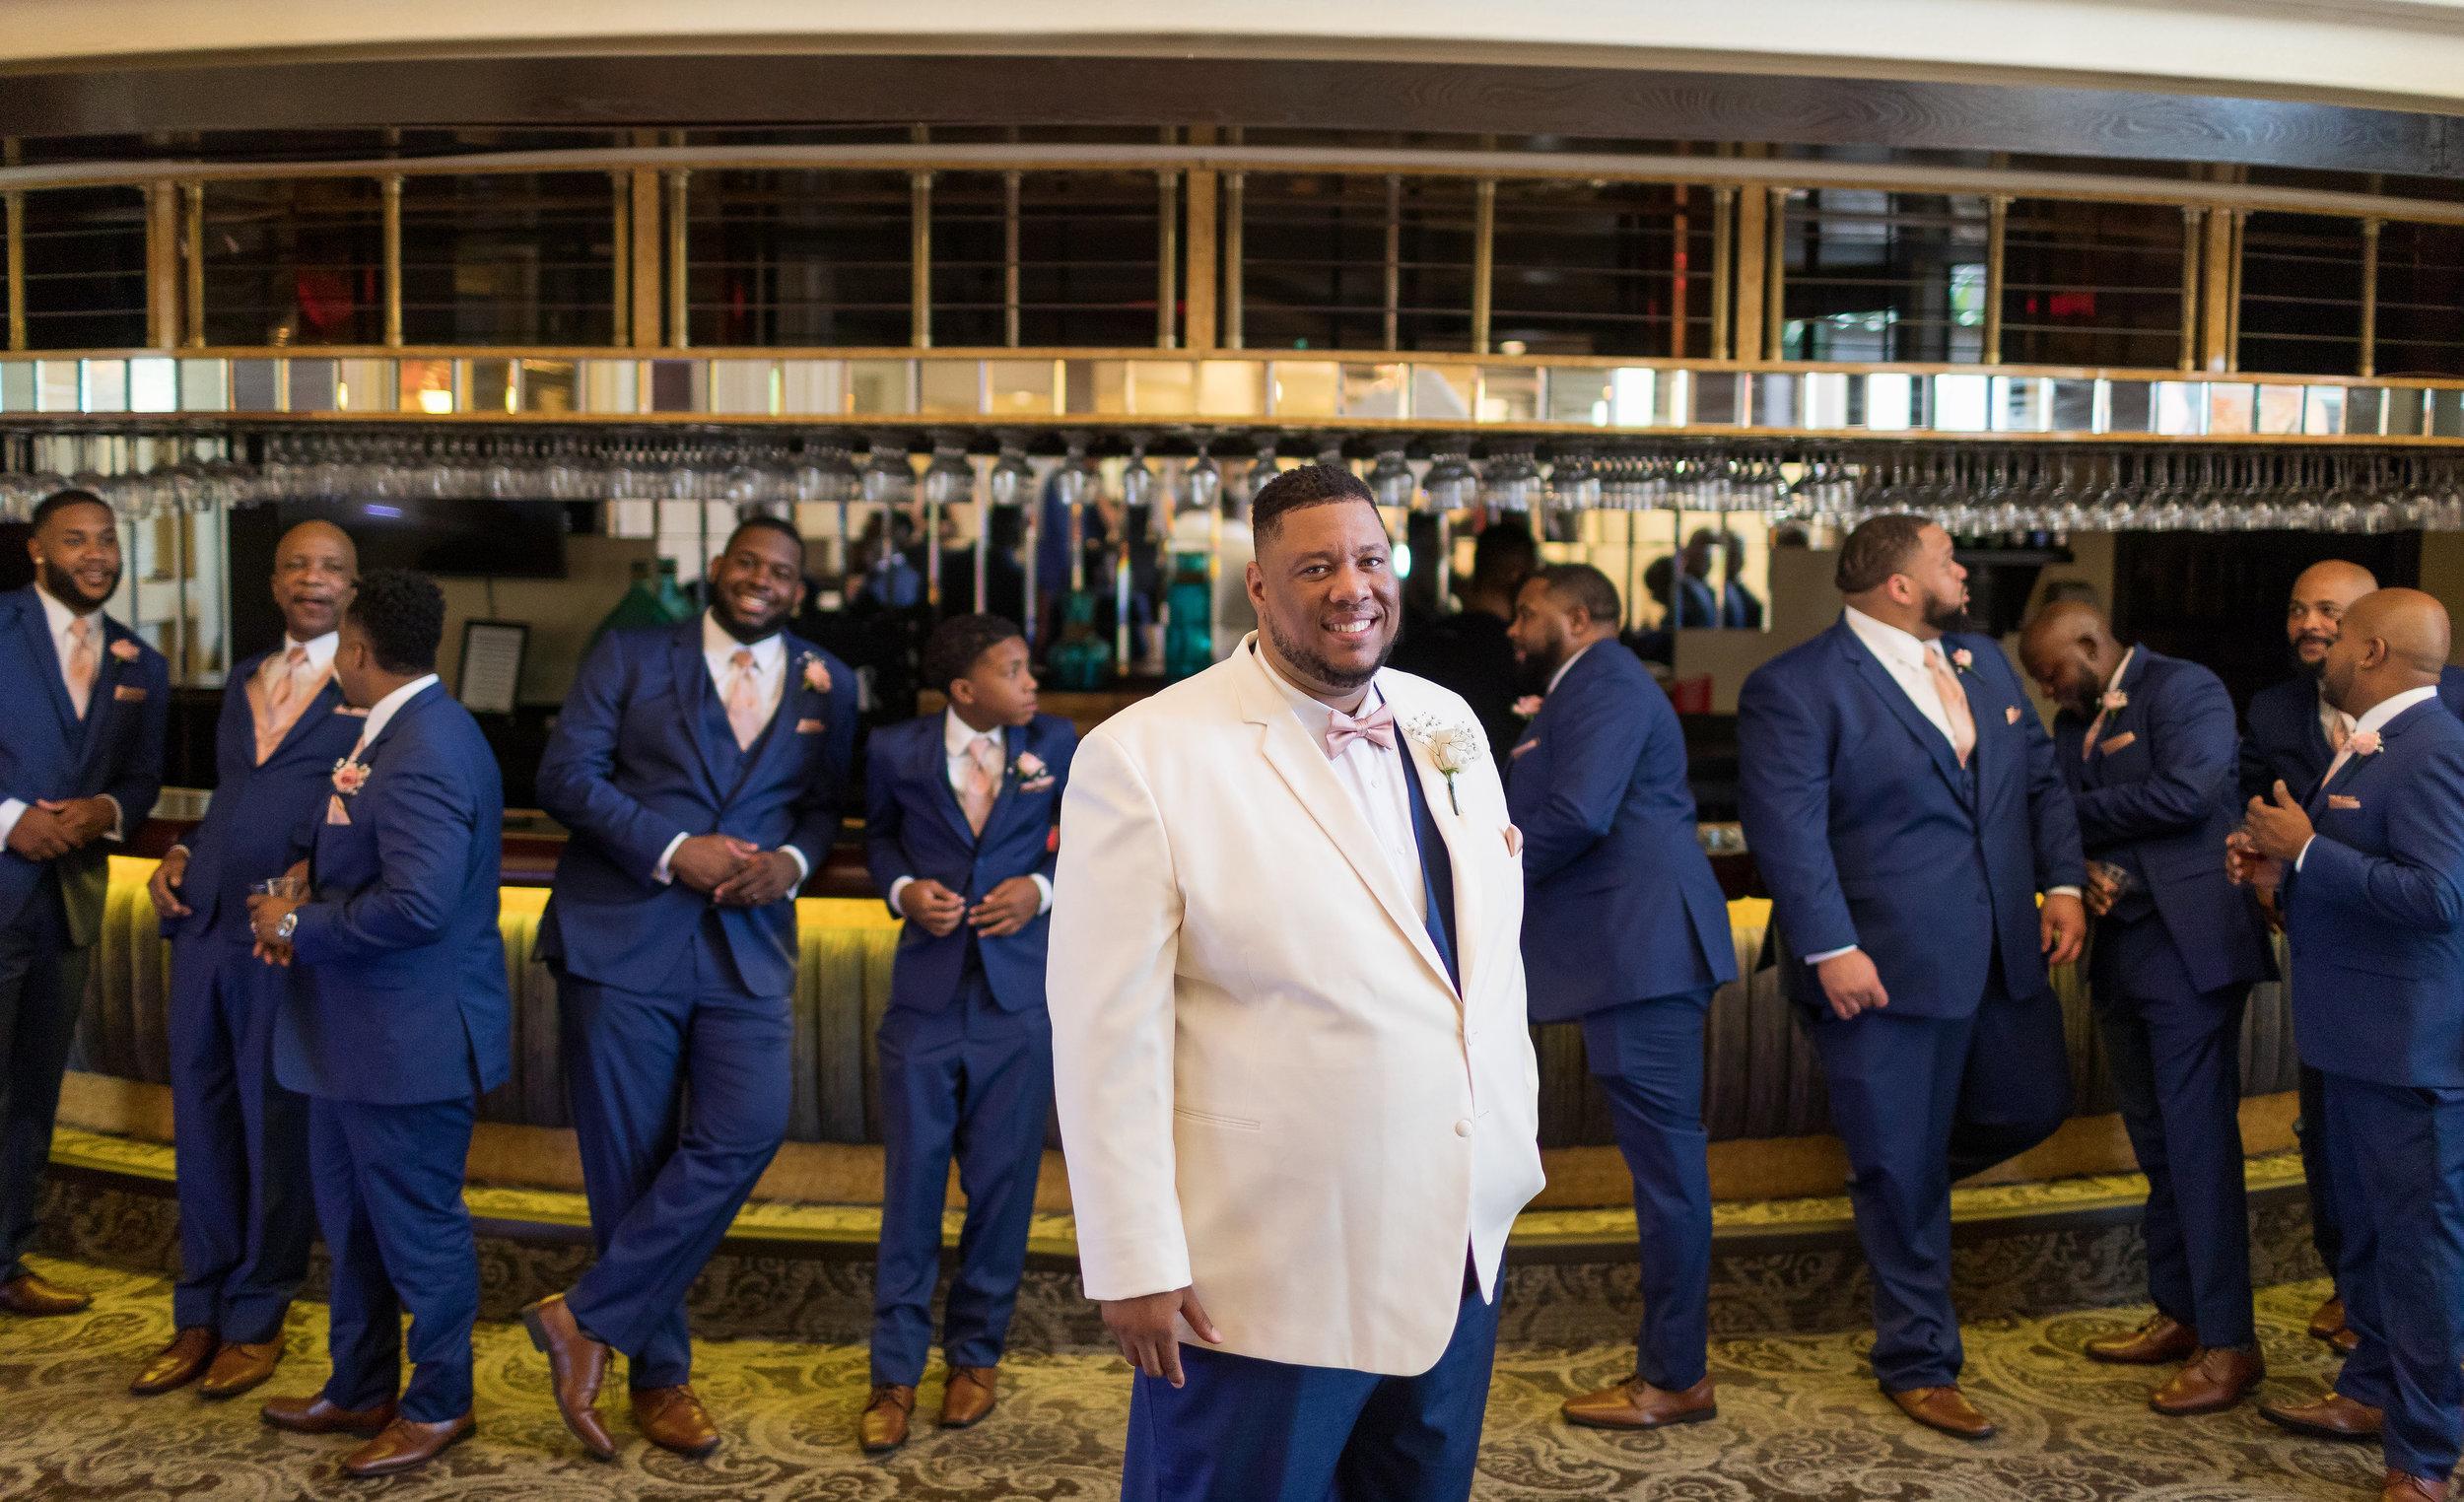 ! Groom in White Tux + Groomsmen in Blue Suits.jpg